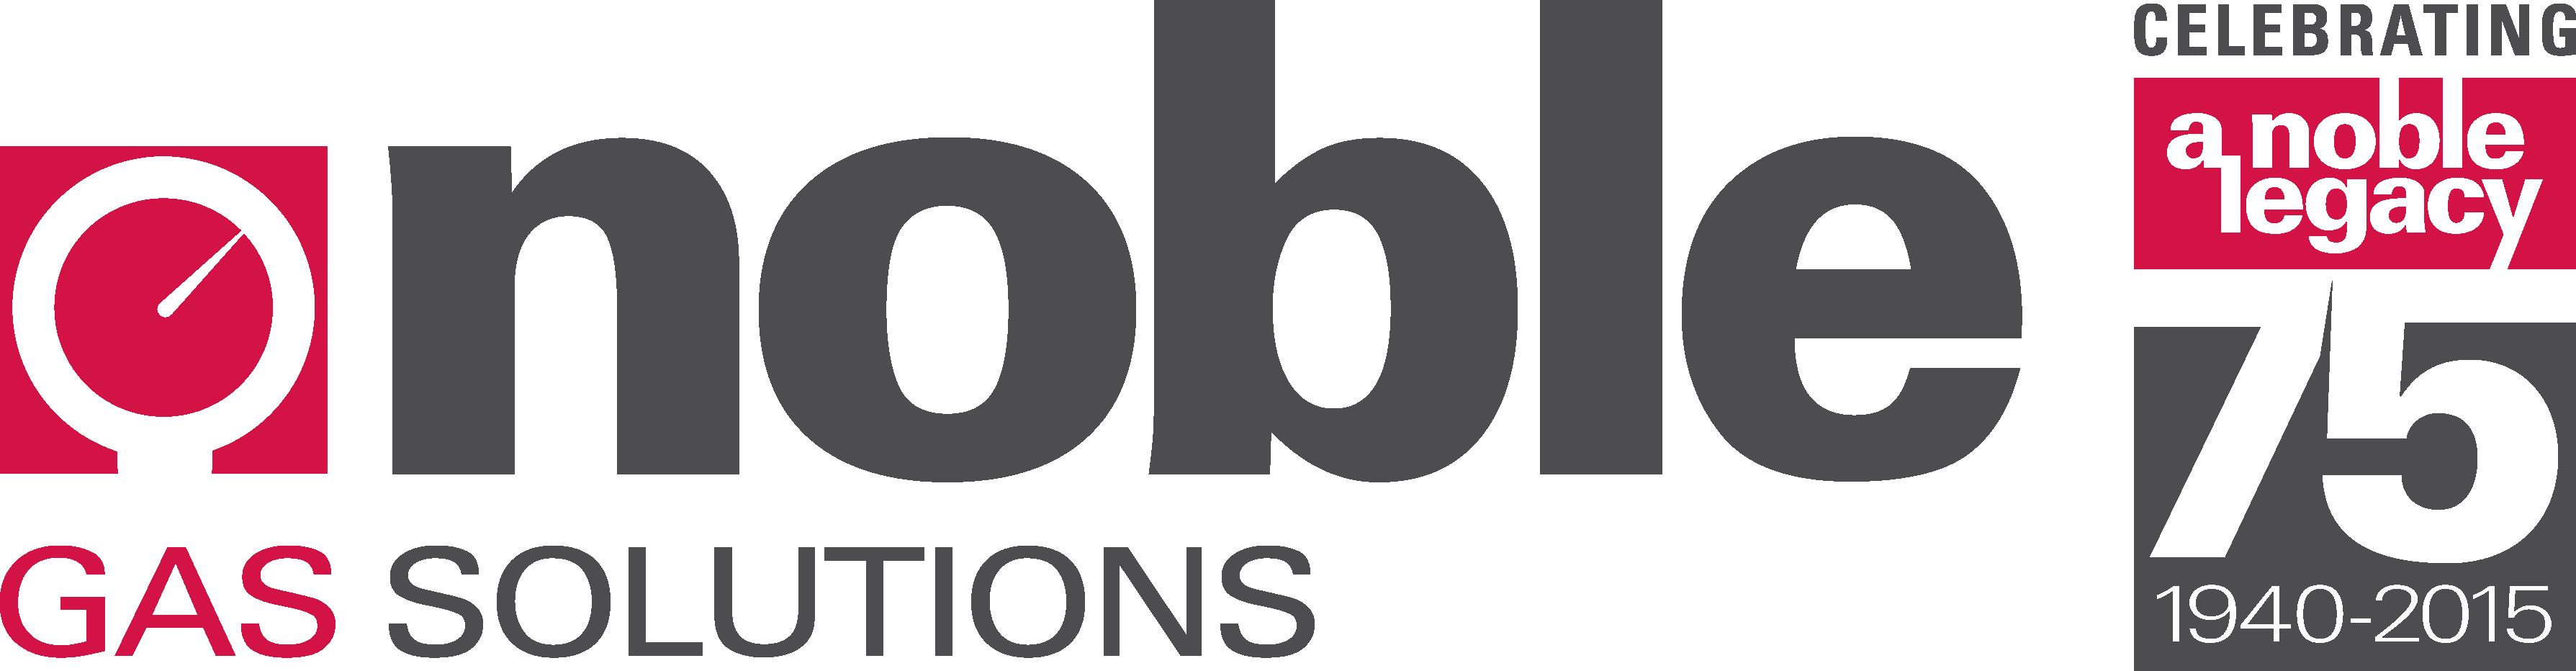 Noble Gas logo